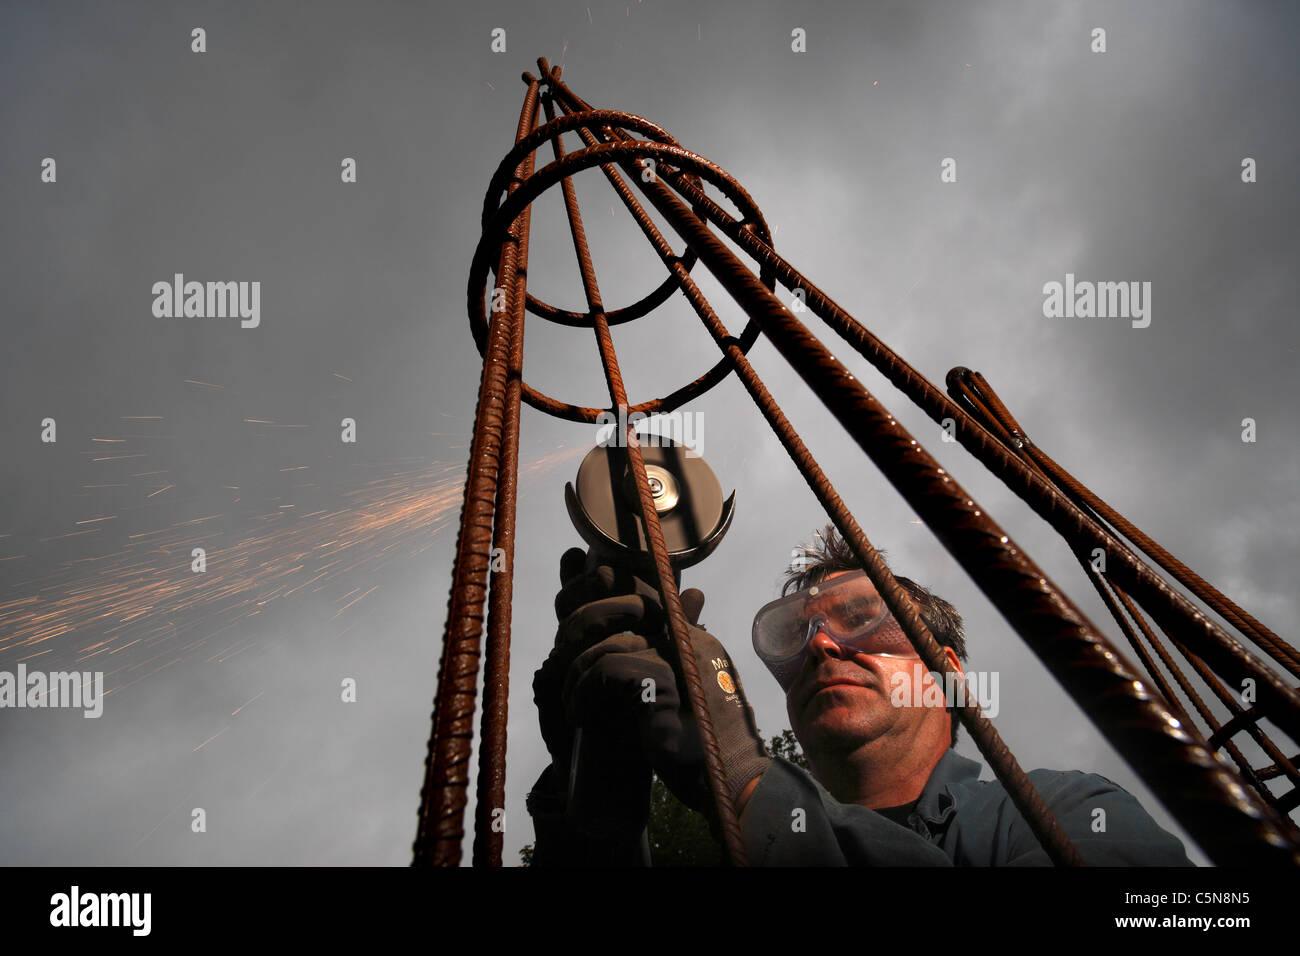 Um aço psq fazendo uma planta obelisco. Imagens de Stock